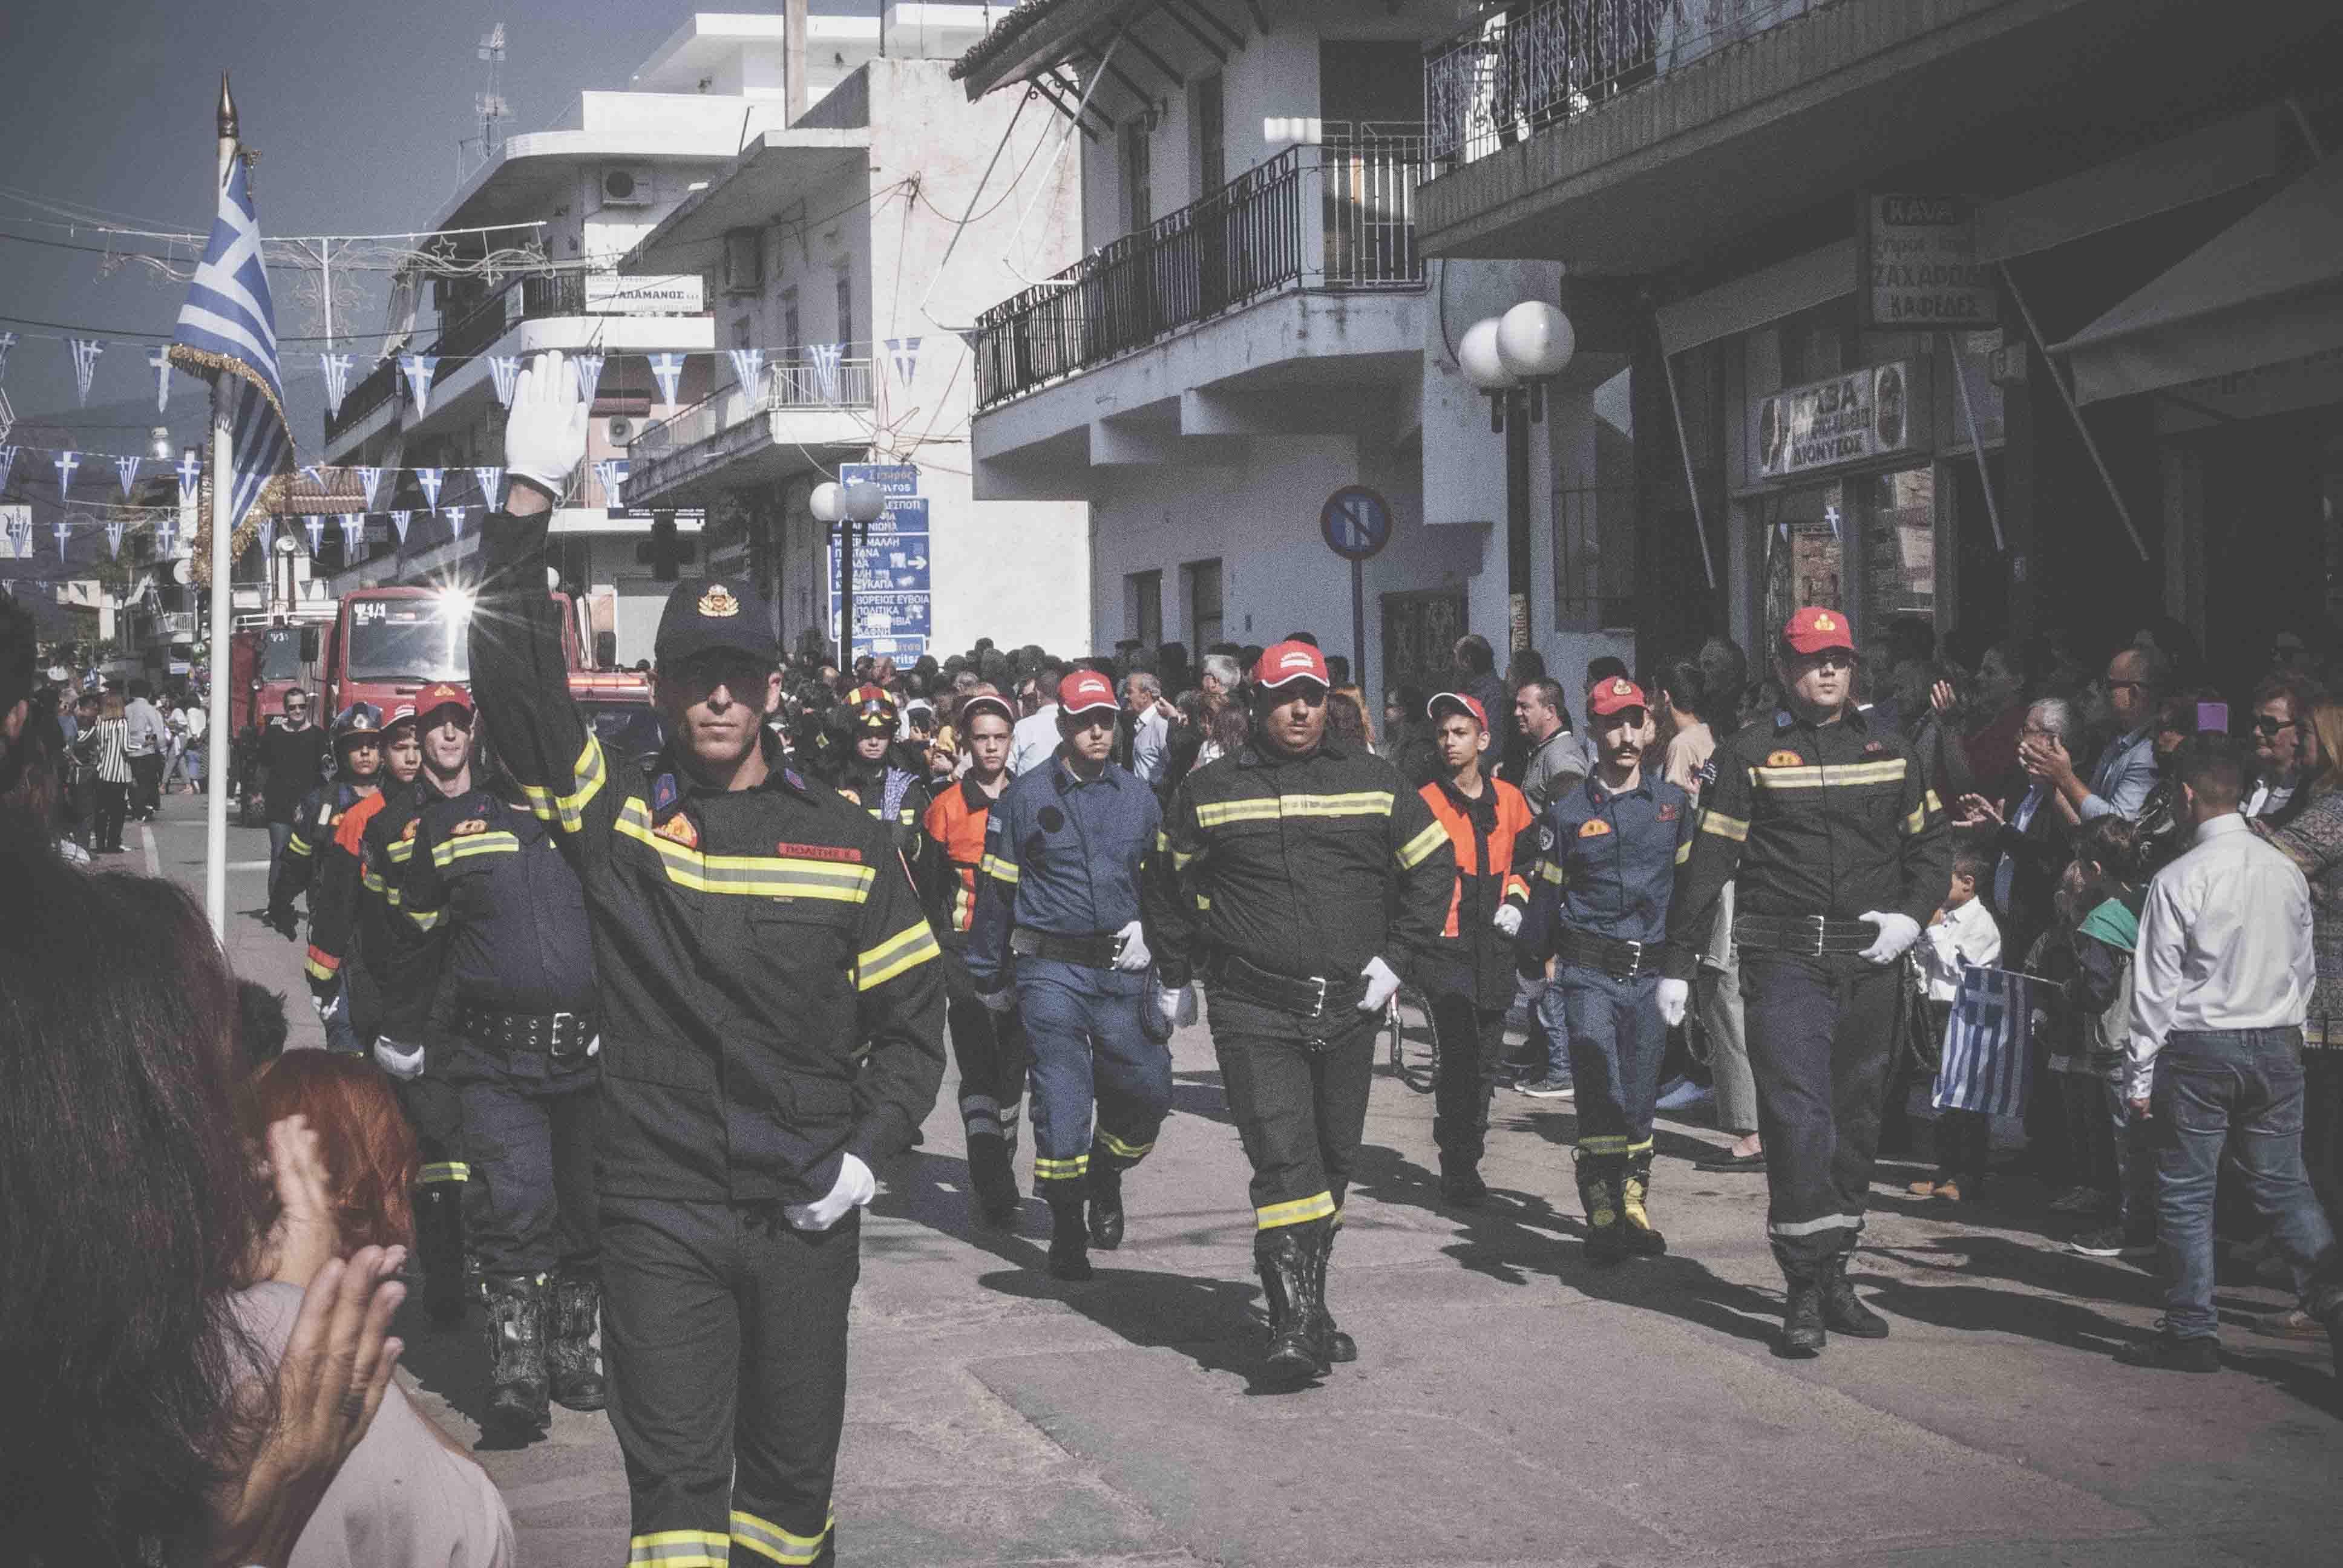 Φωτογραφικό υλικό από την παρέλαση στα Ψαχνά Φωτογραφικό υλικό από την παρέλαση στα Ψαχνά DSC 0445